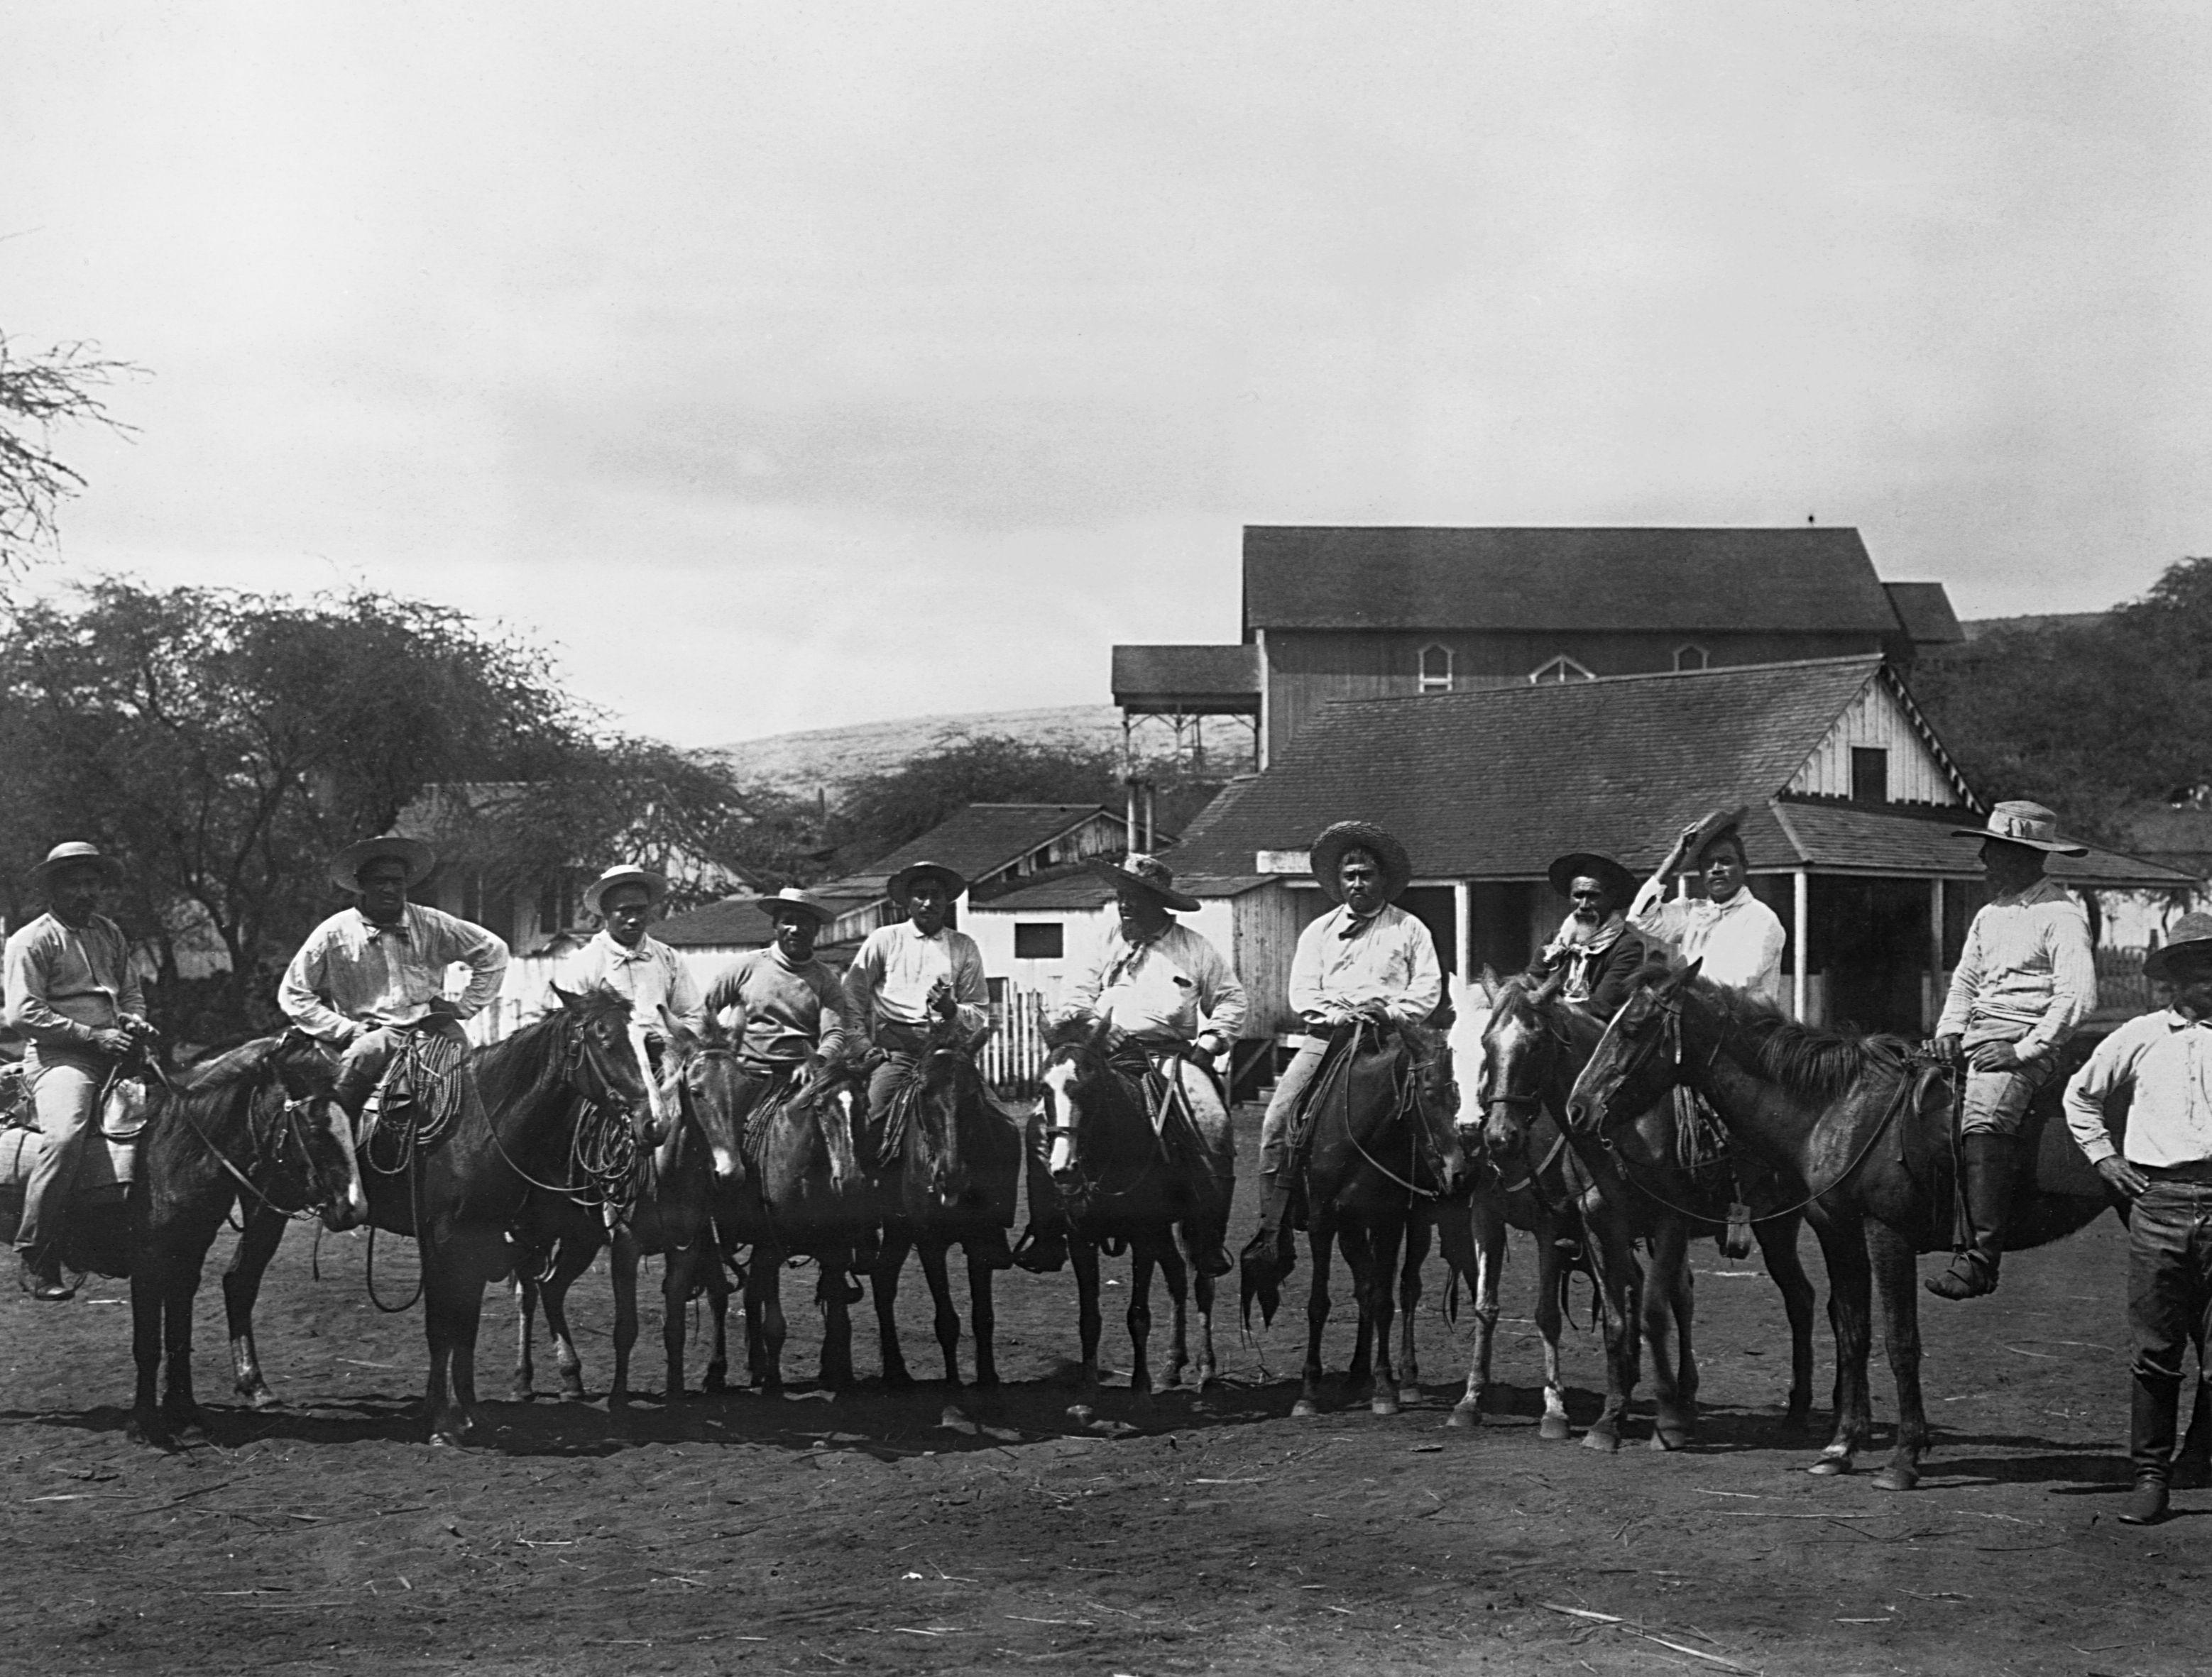 Hawaiian cowboys on horseback, Waimea, 1899.